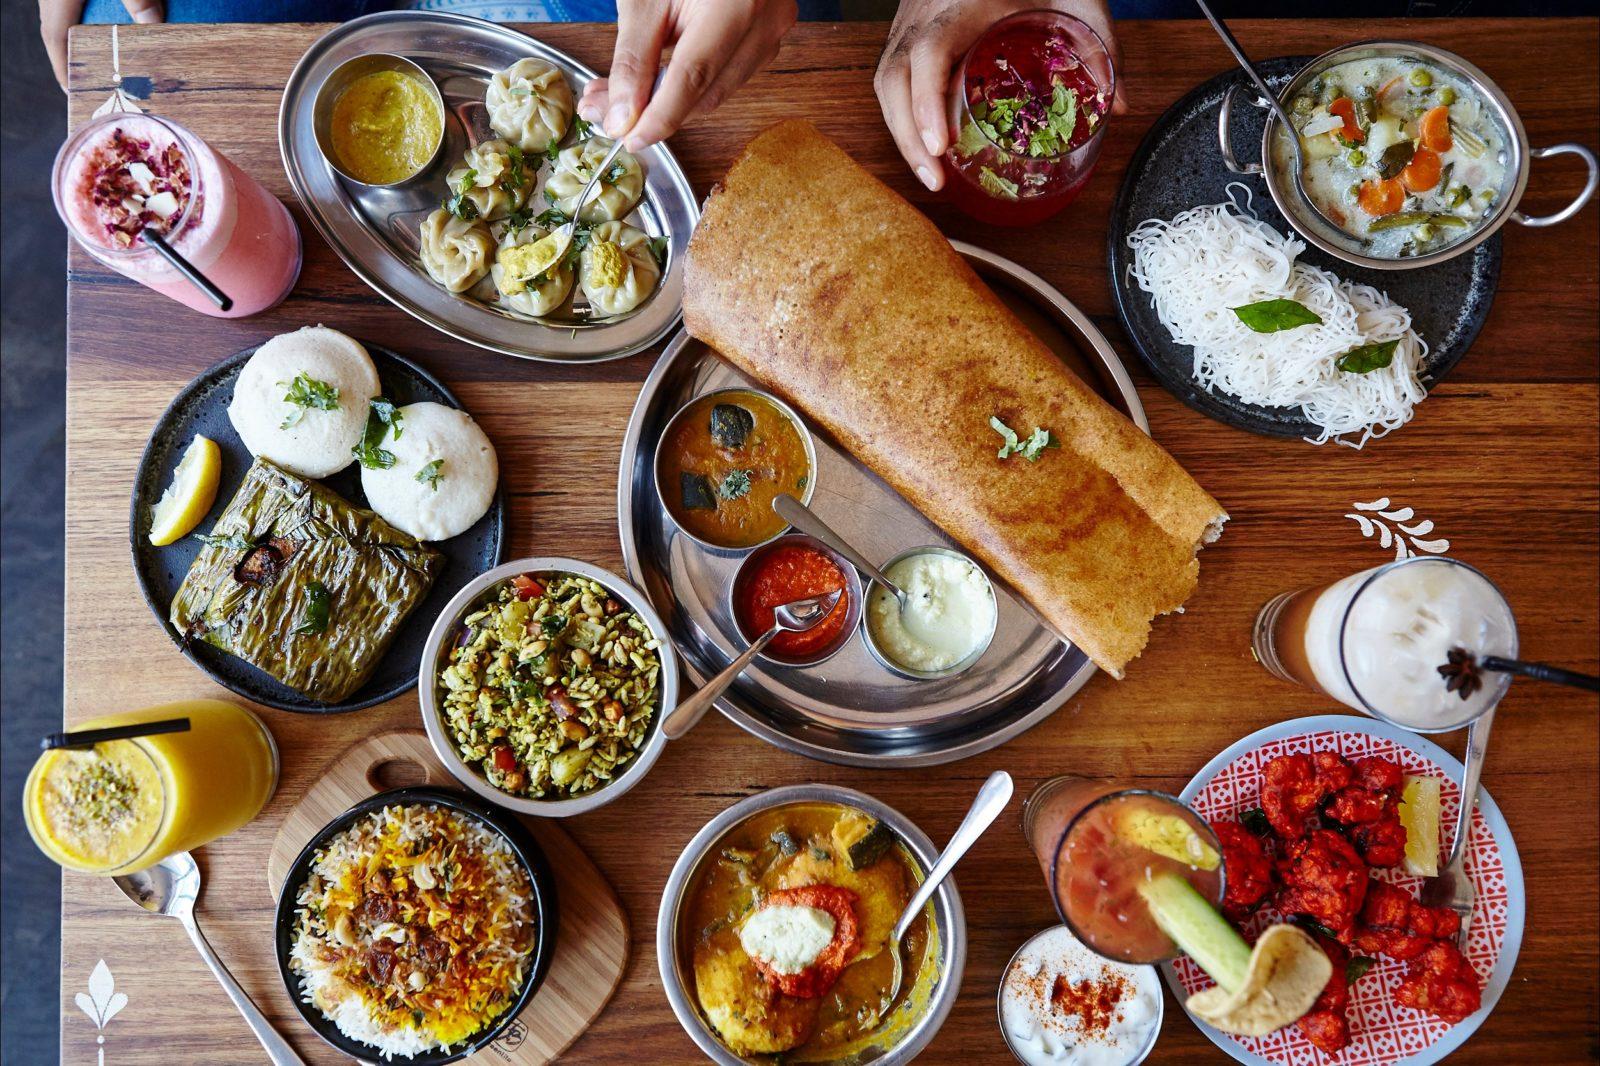 Dosa, Biryani and the lot